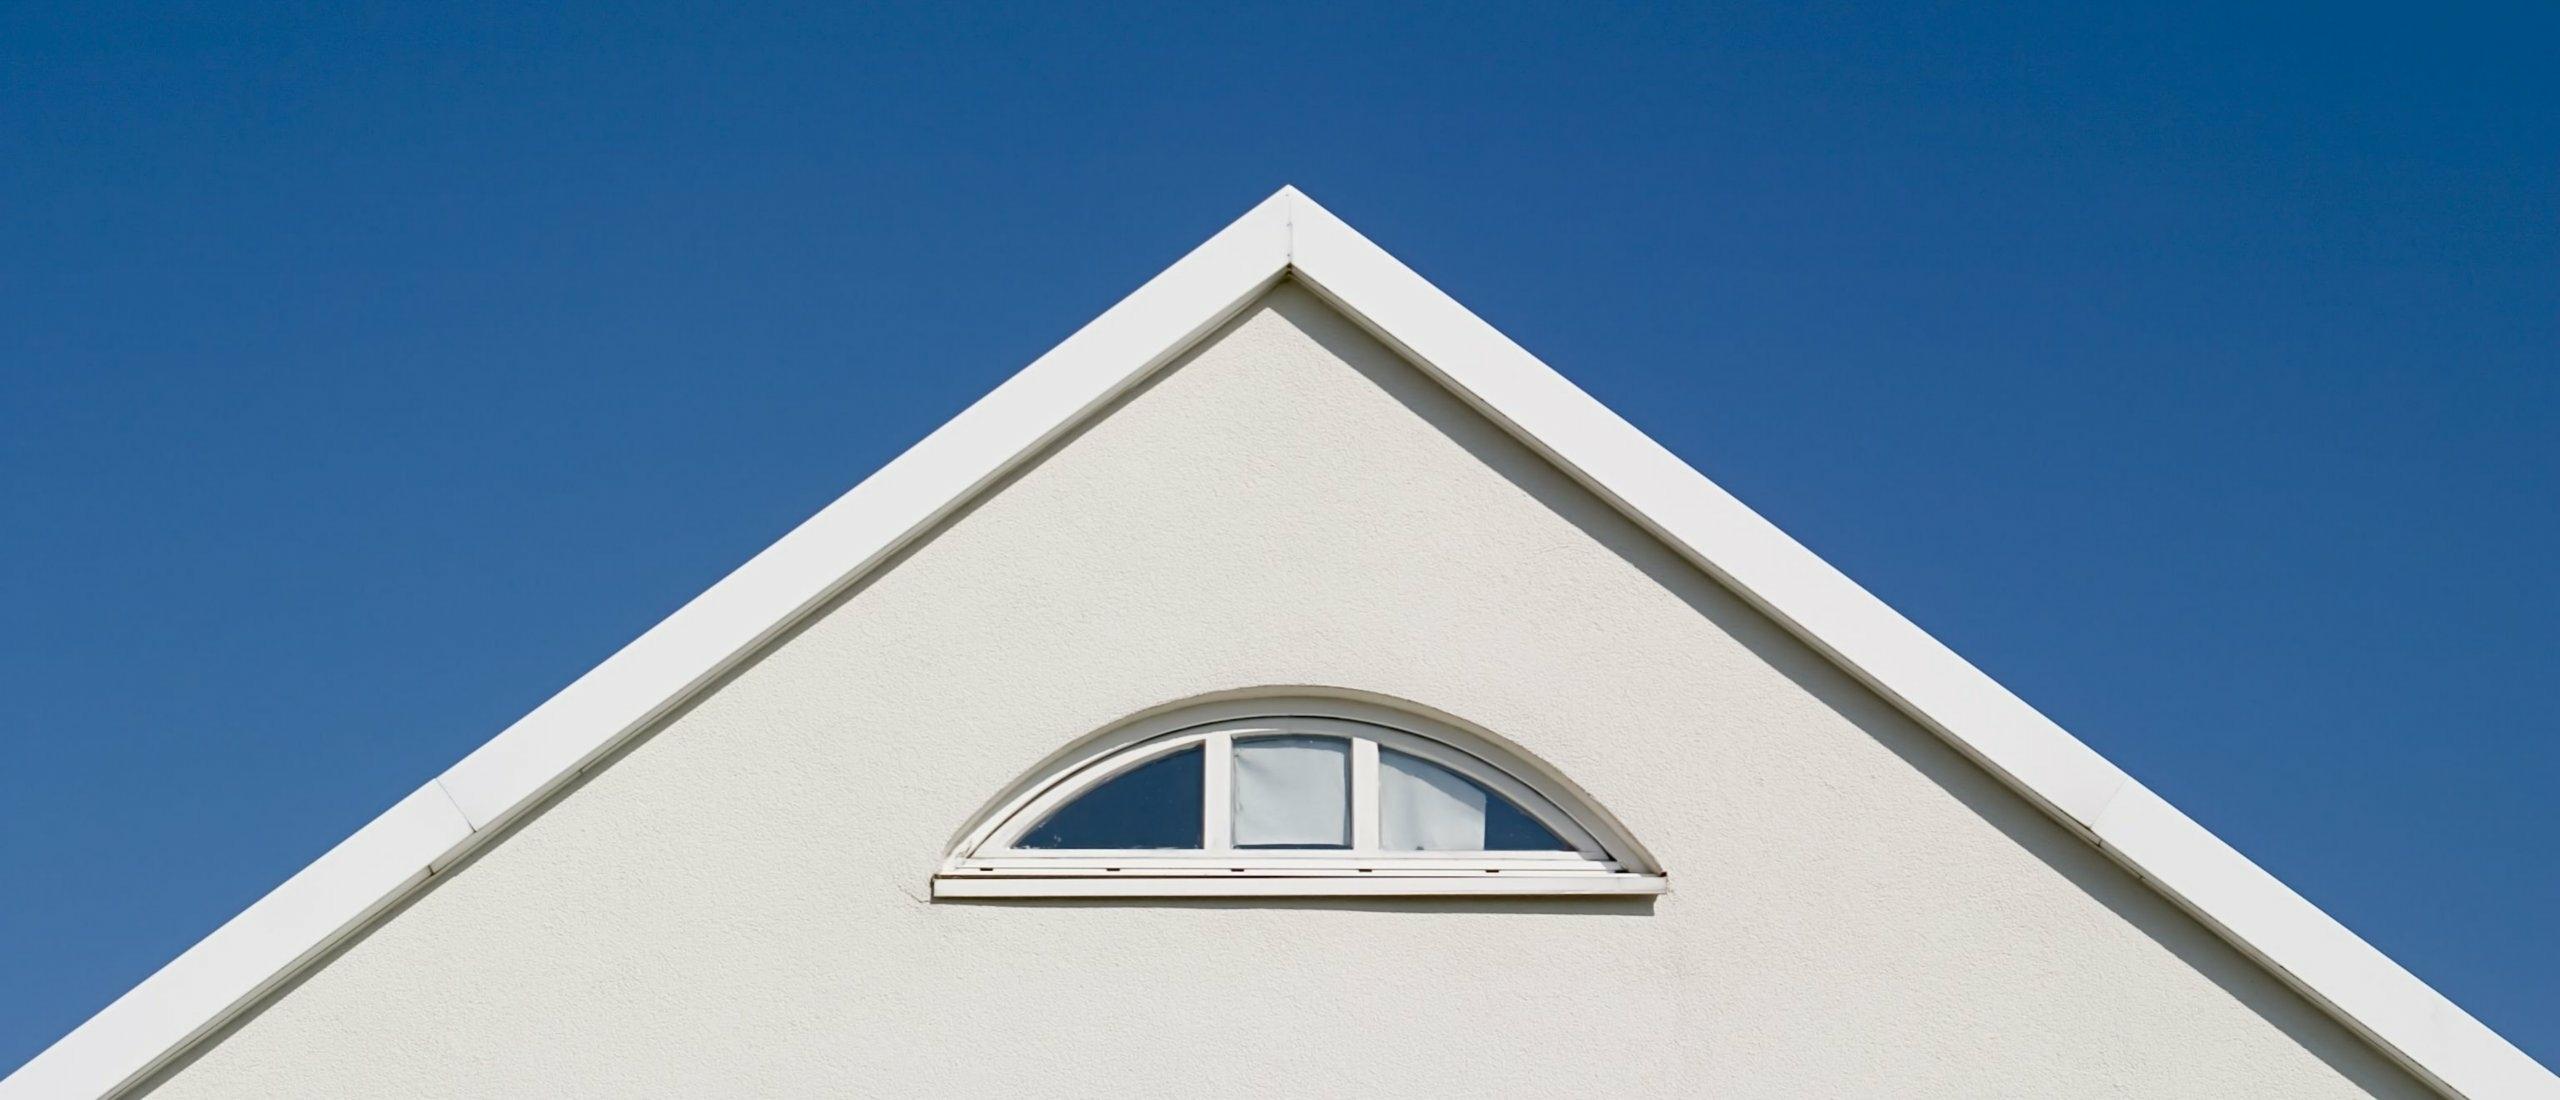 hellingshoek schuin dak berekenen